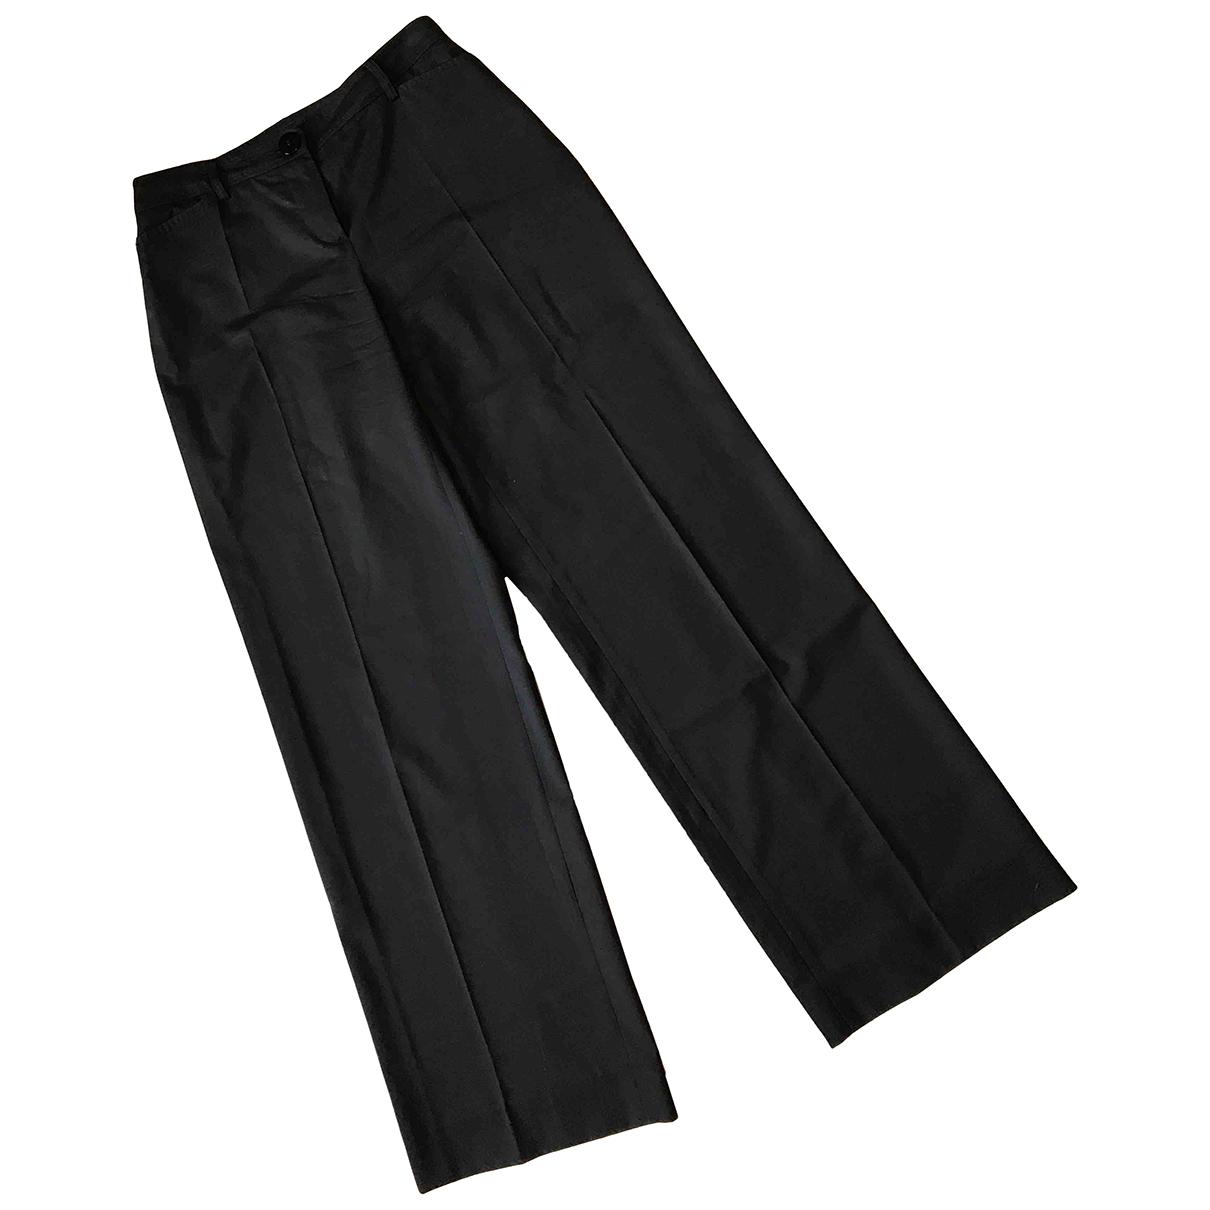 Pantalon de traje de Lana Emporio Armani